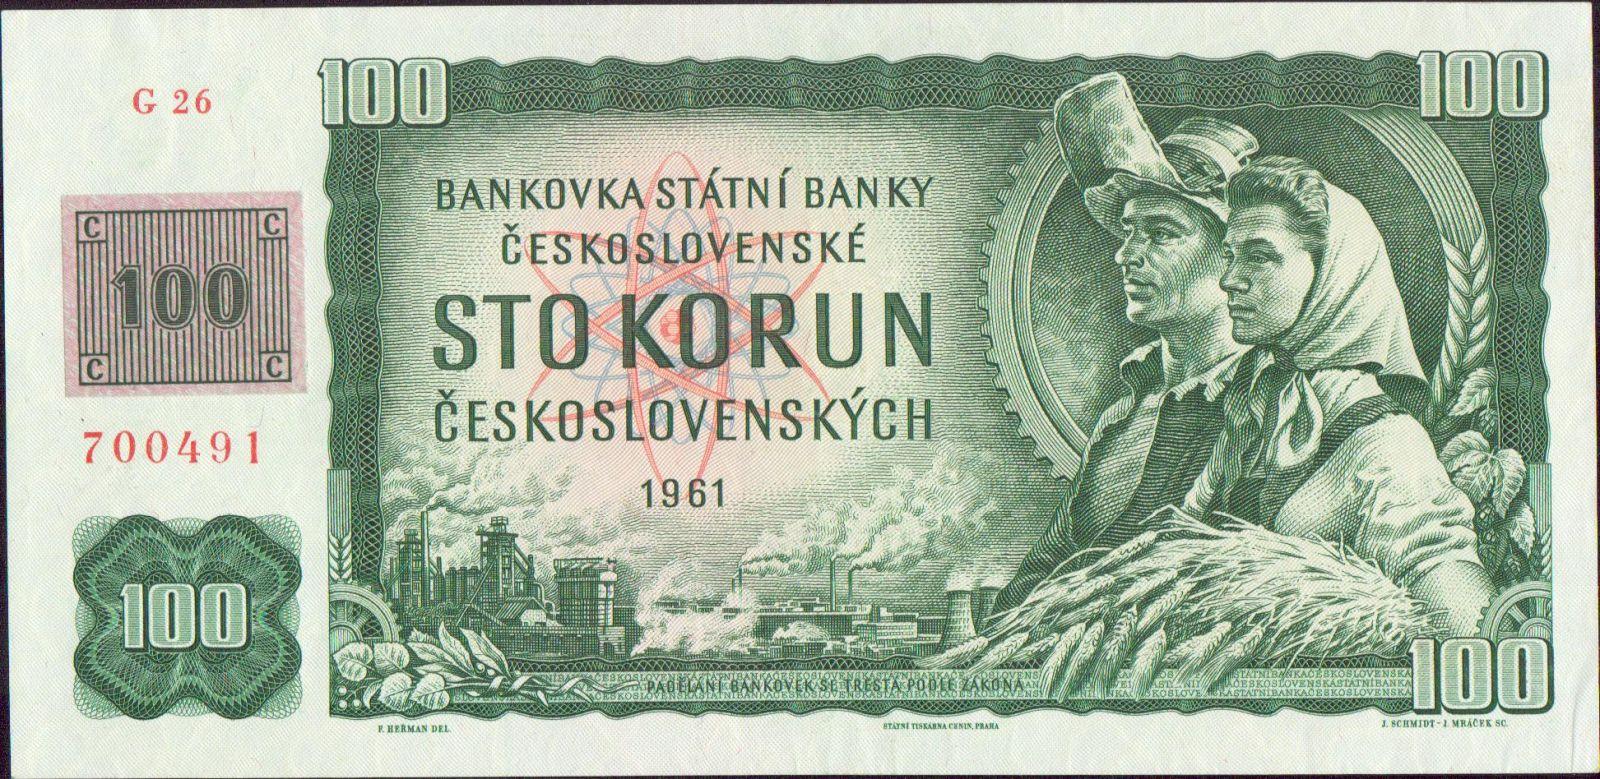 100Kč/1961-93, kolek ČR/, stav 1+, série G 26 (číslovač 2d)